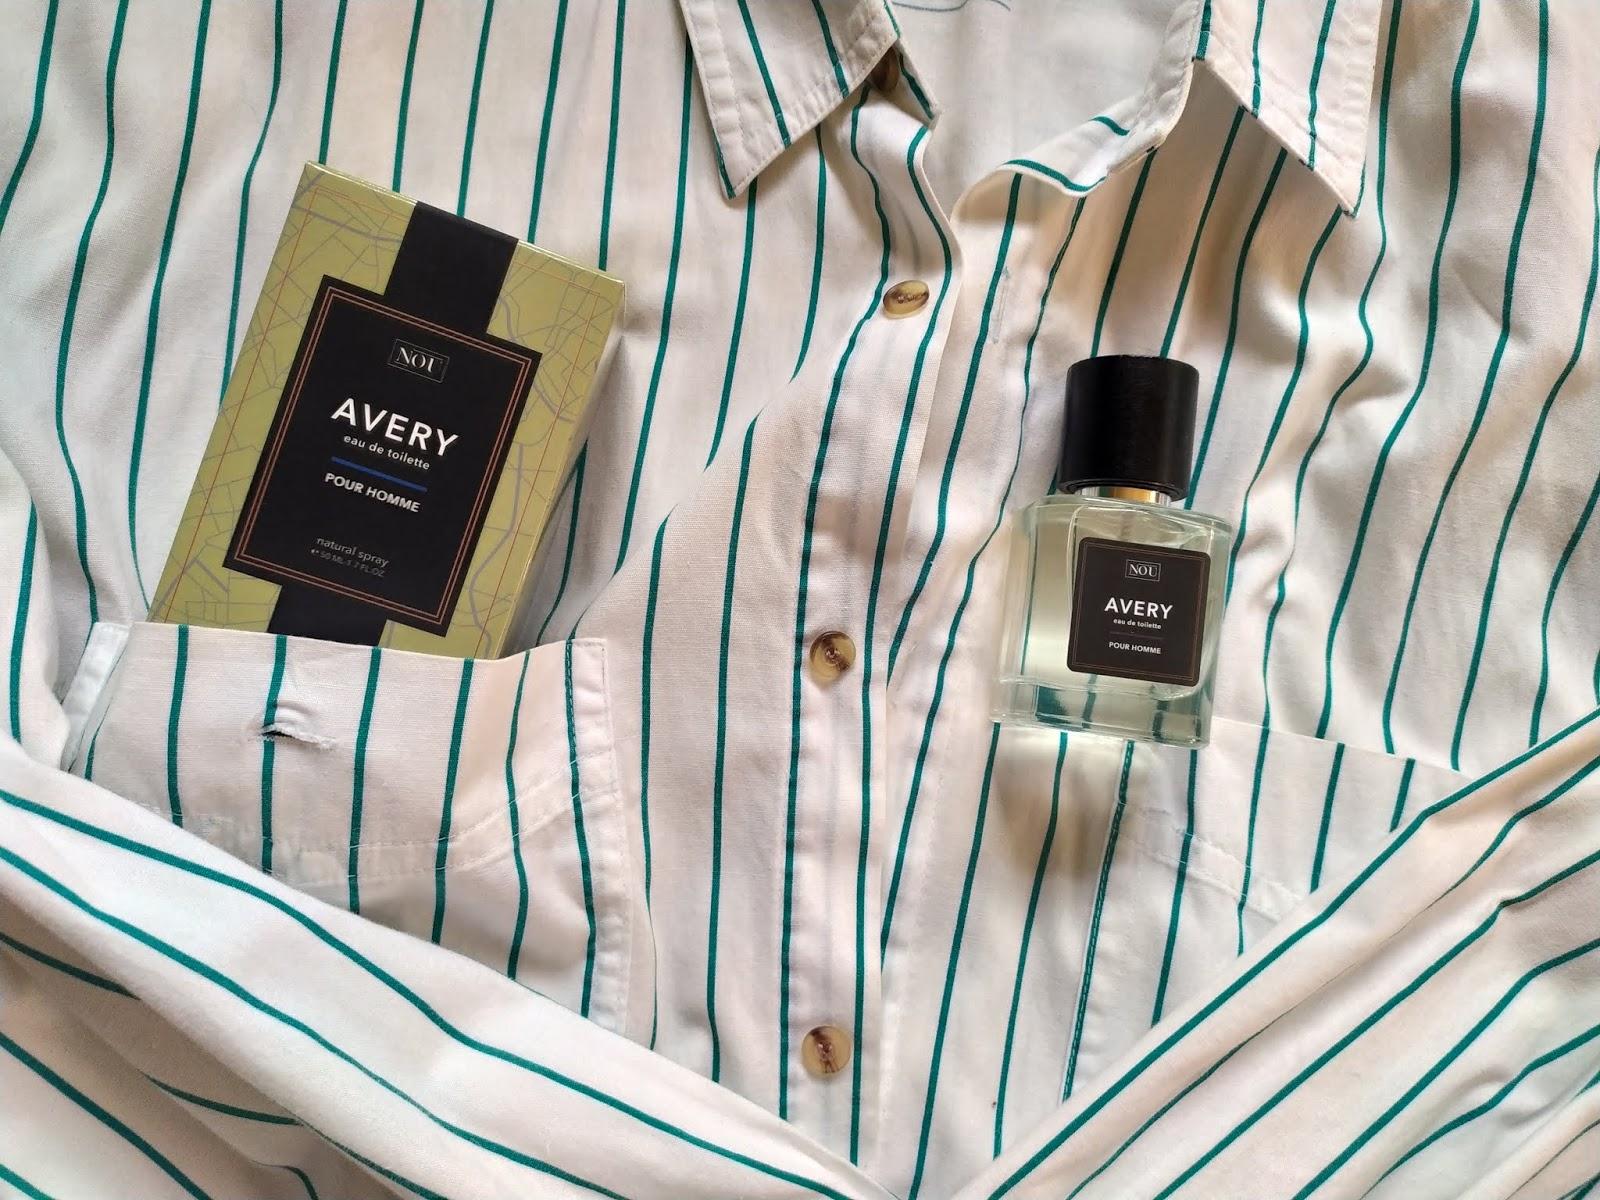 NOU - Avery elegancki zapach dla mężczyzn